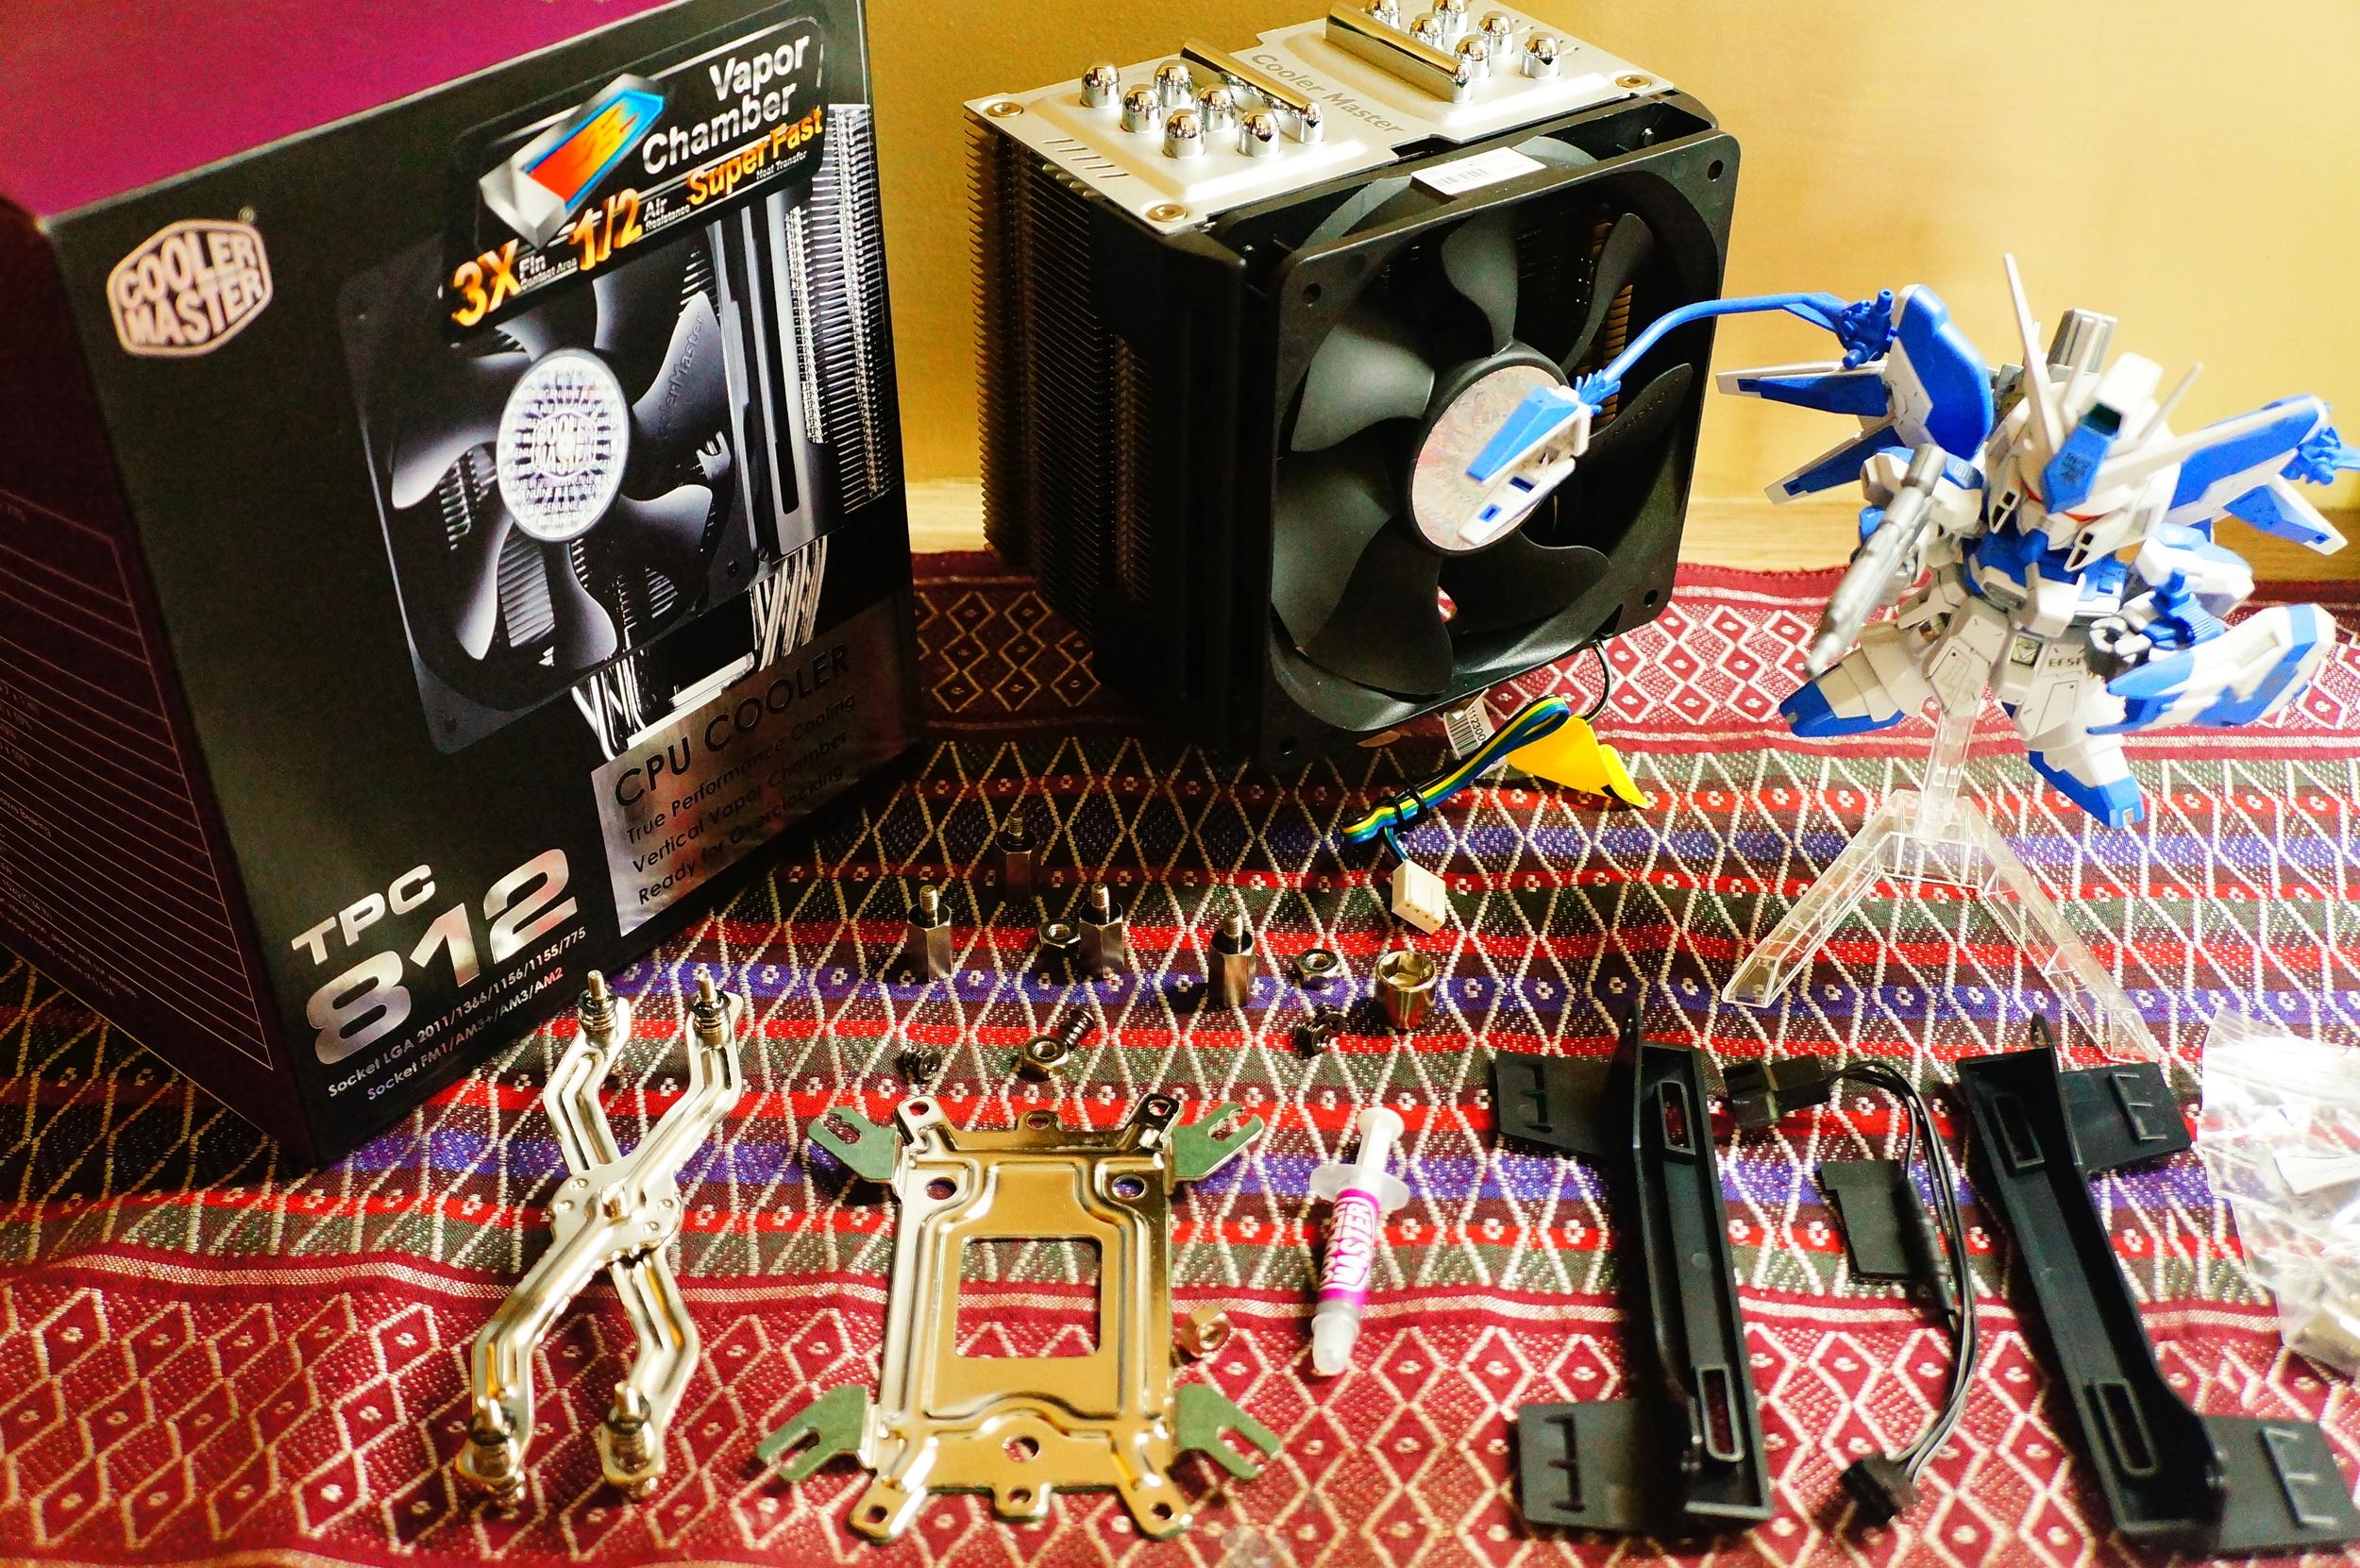 TPC 812 parts